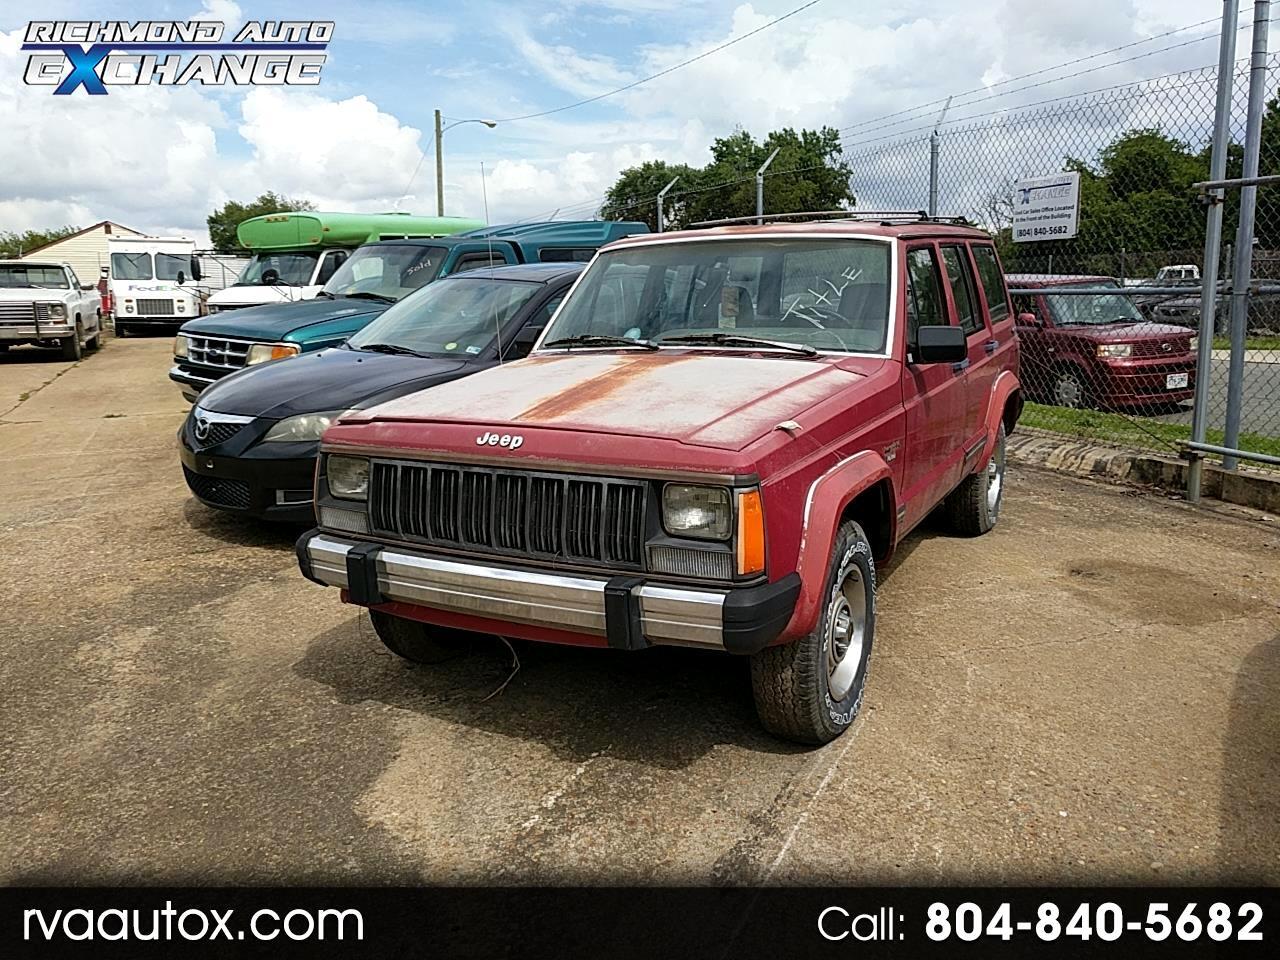 1989 Jeep Cherokee Pioneer 4-Door 4WD